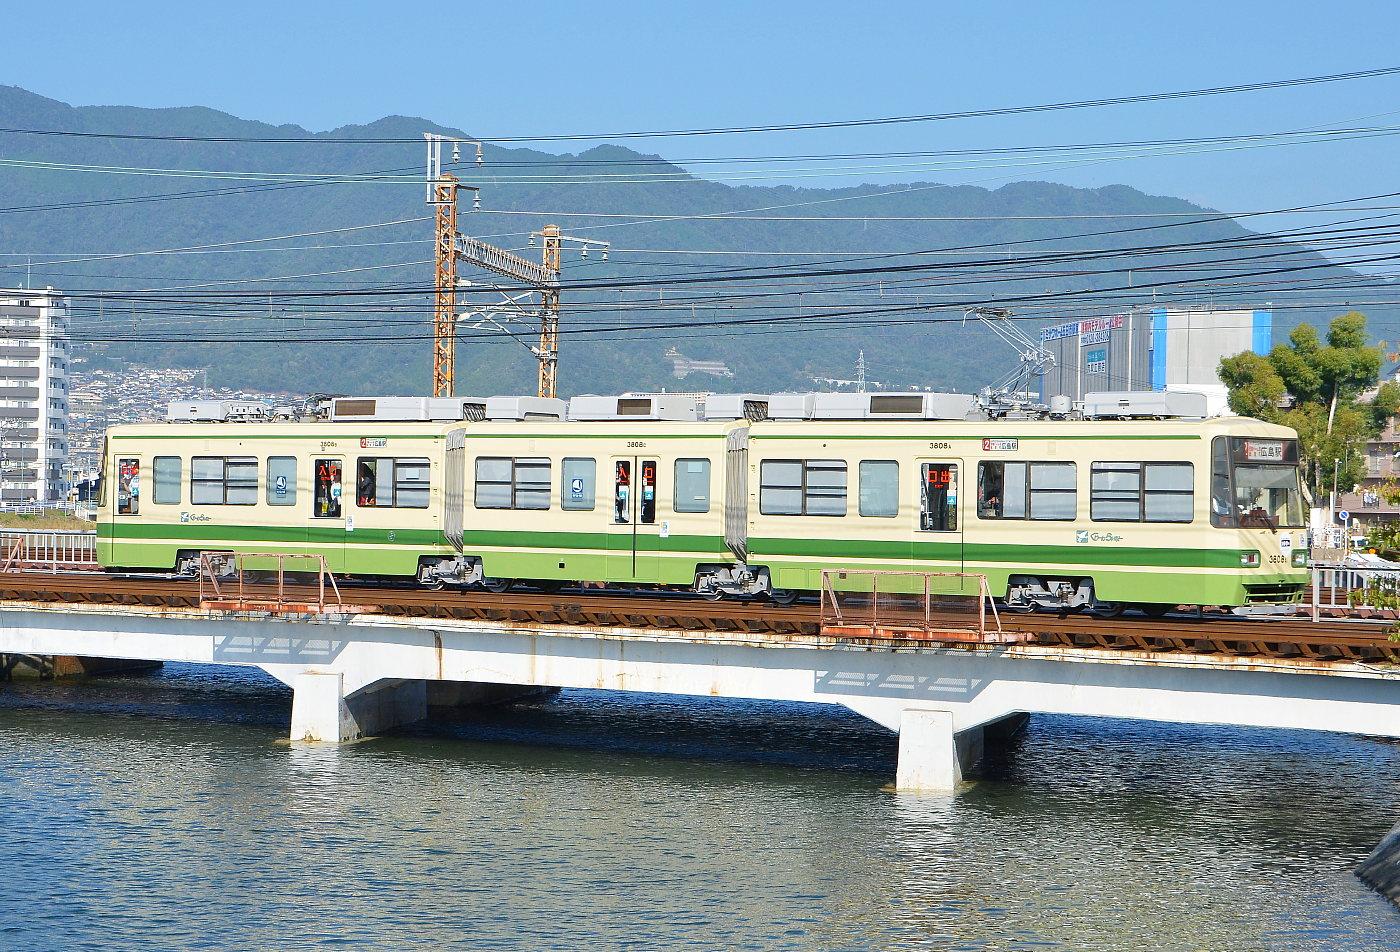 いつもの八幡川・・・'12年10月16日_a0251146_189889.jpg